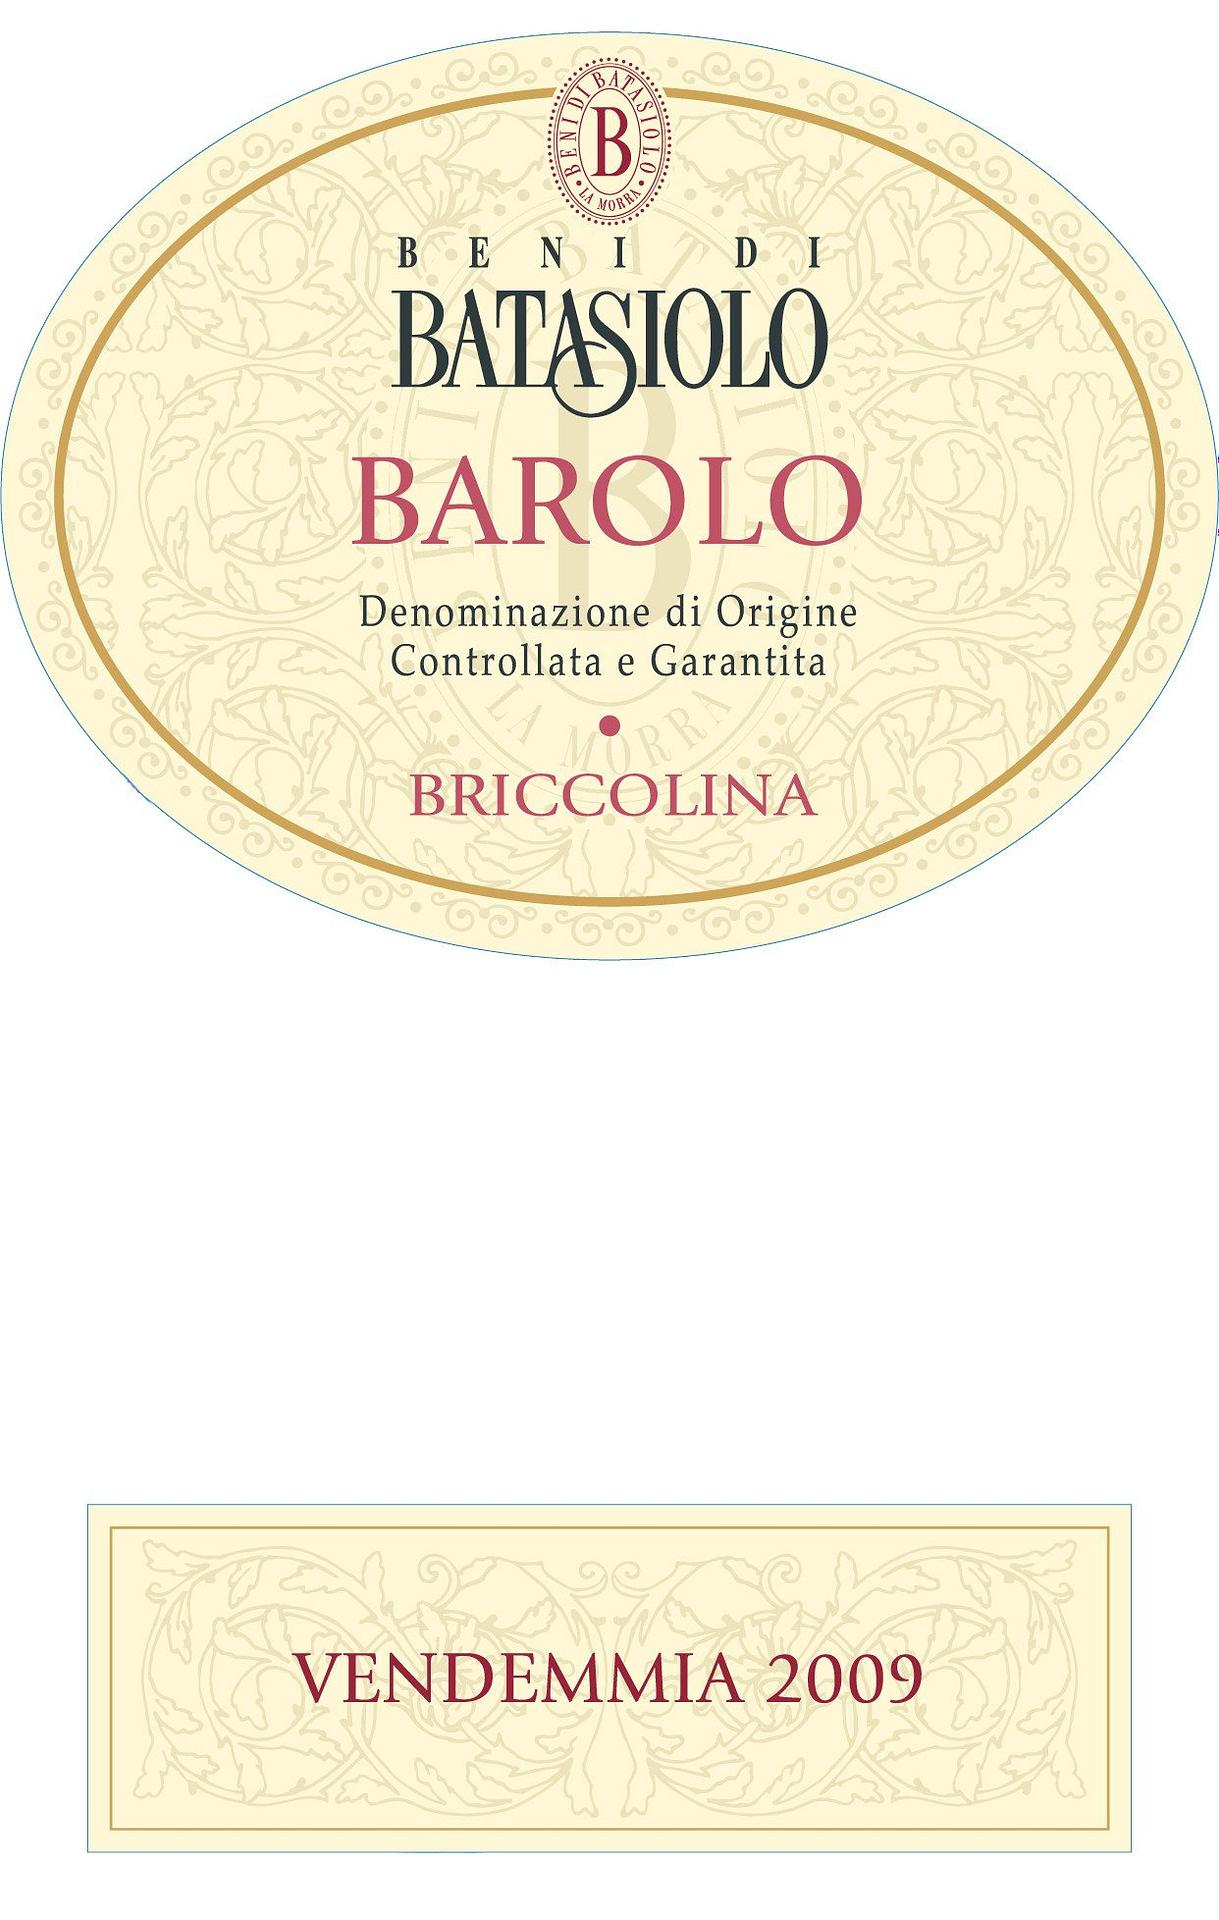 Batasiolo Barolo Briccolina 2010